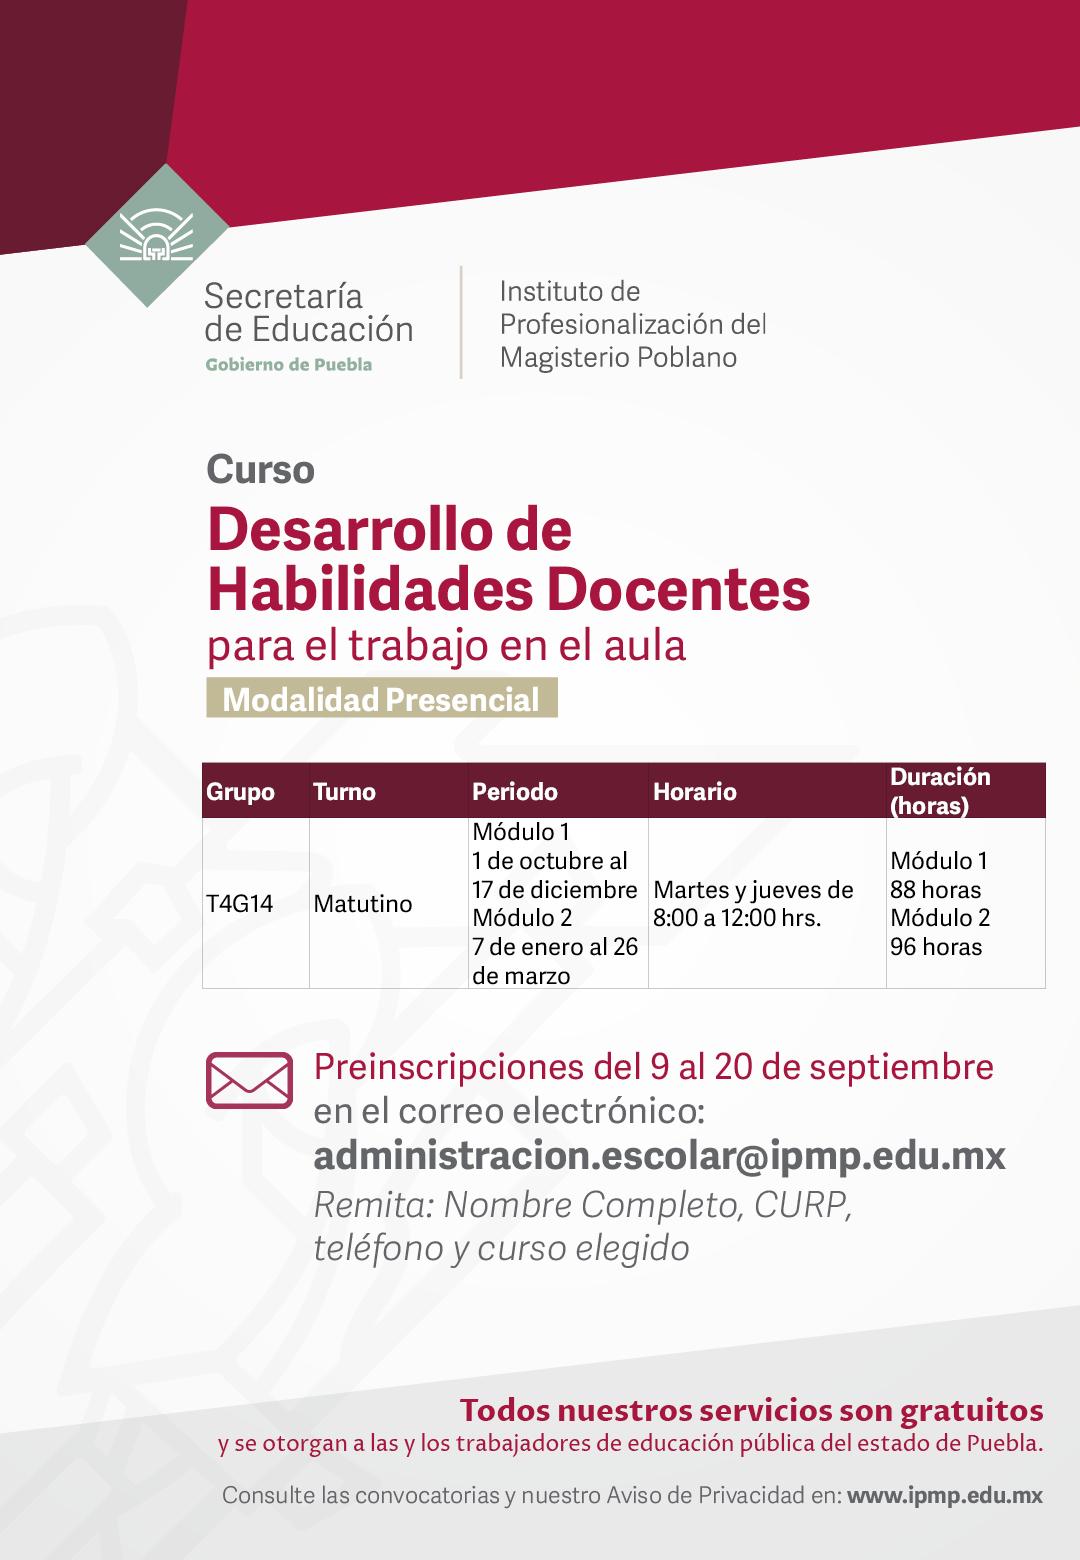 Instituto De Profesionalización Del Magisterio Poblano